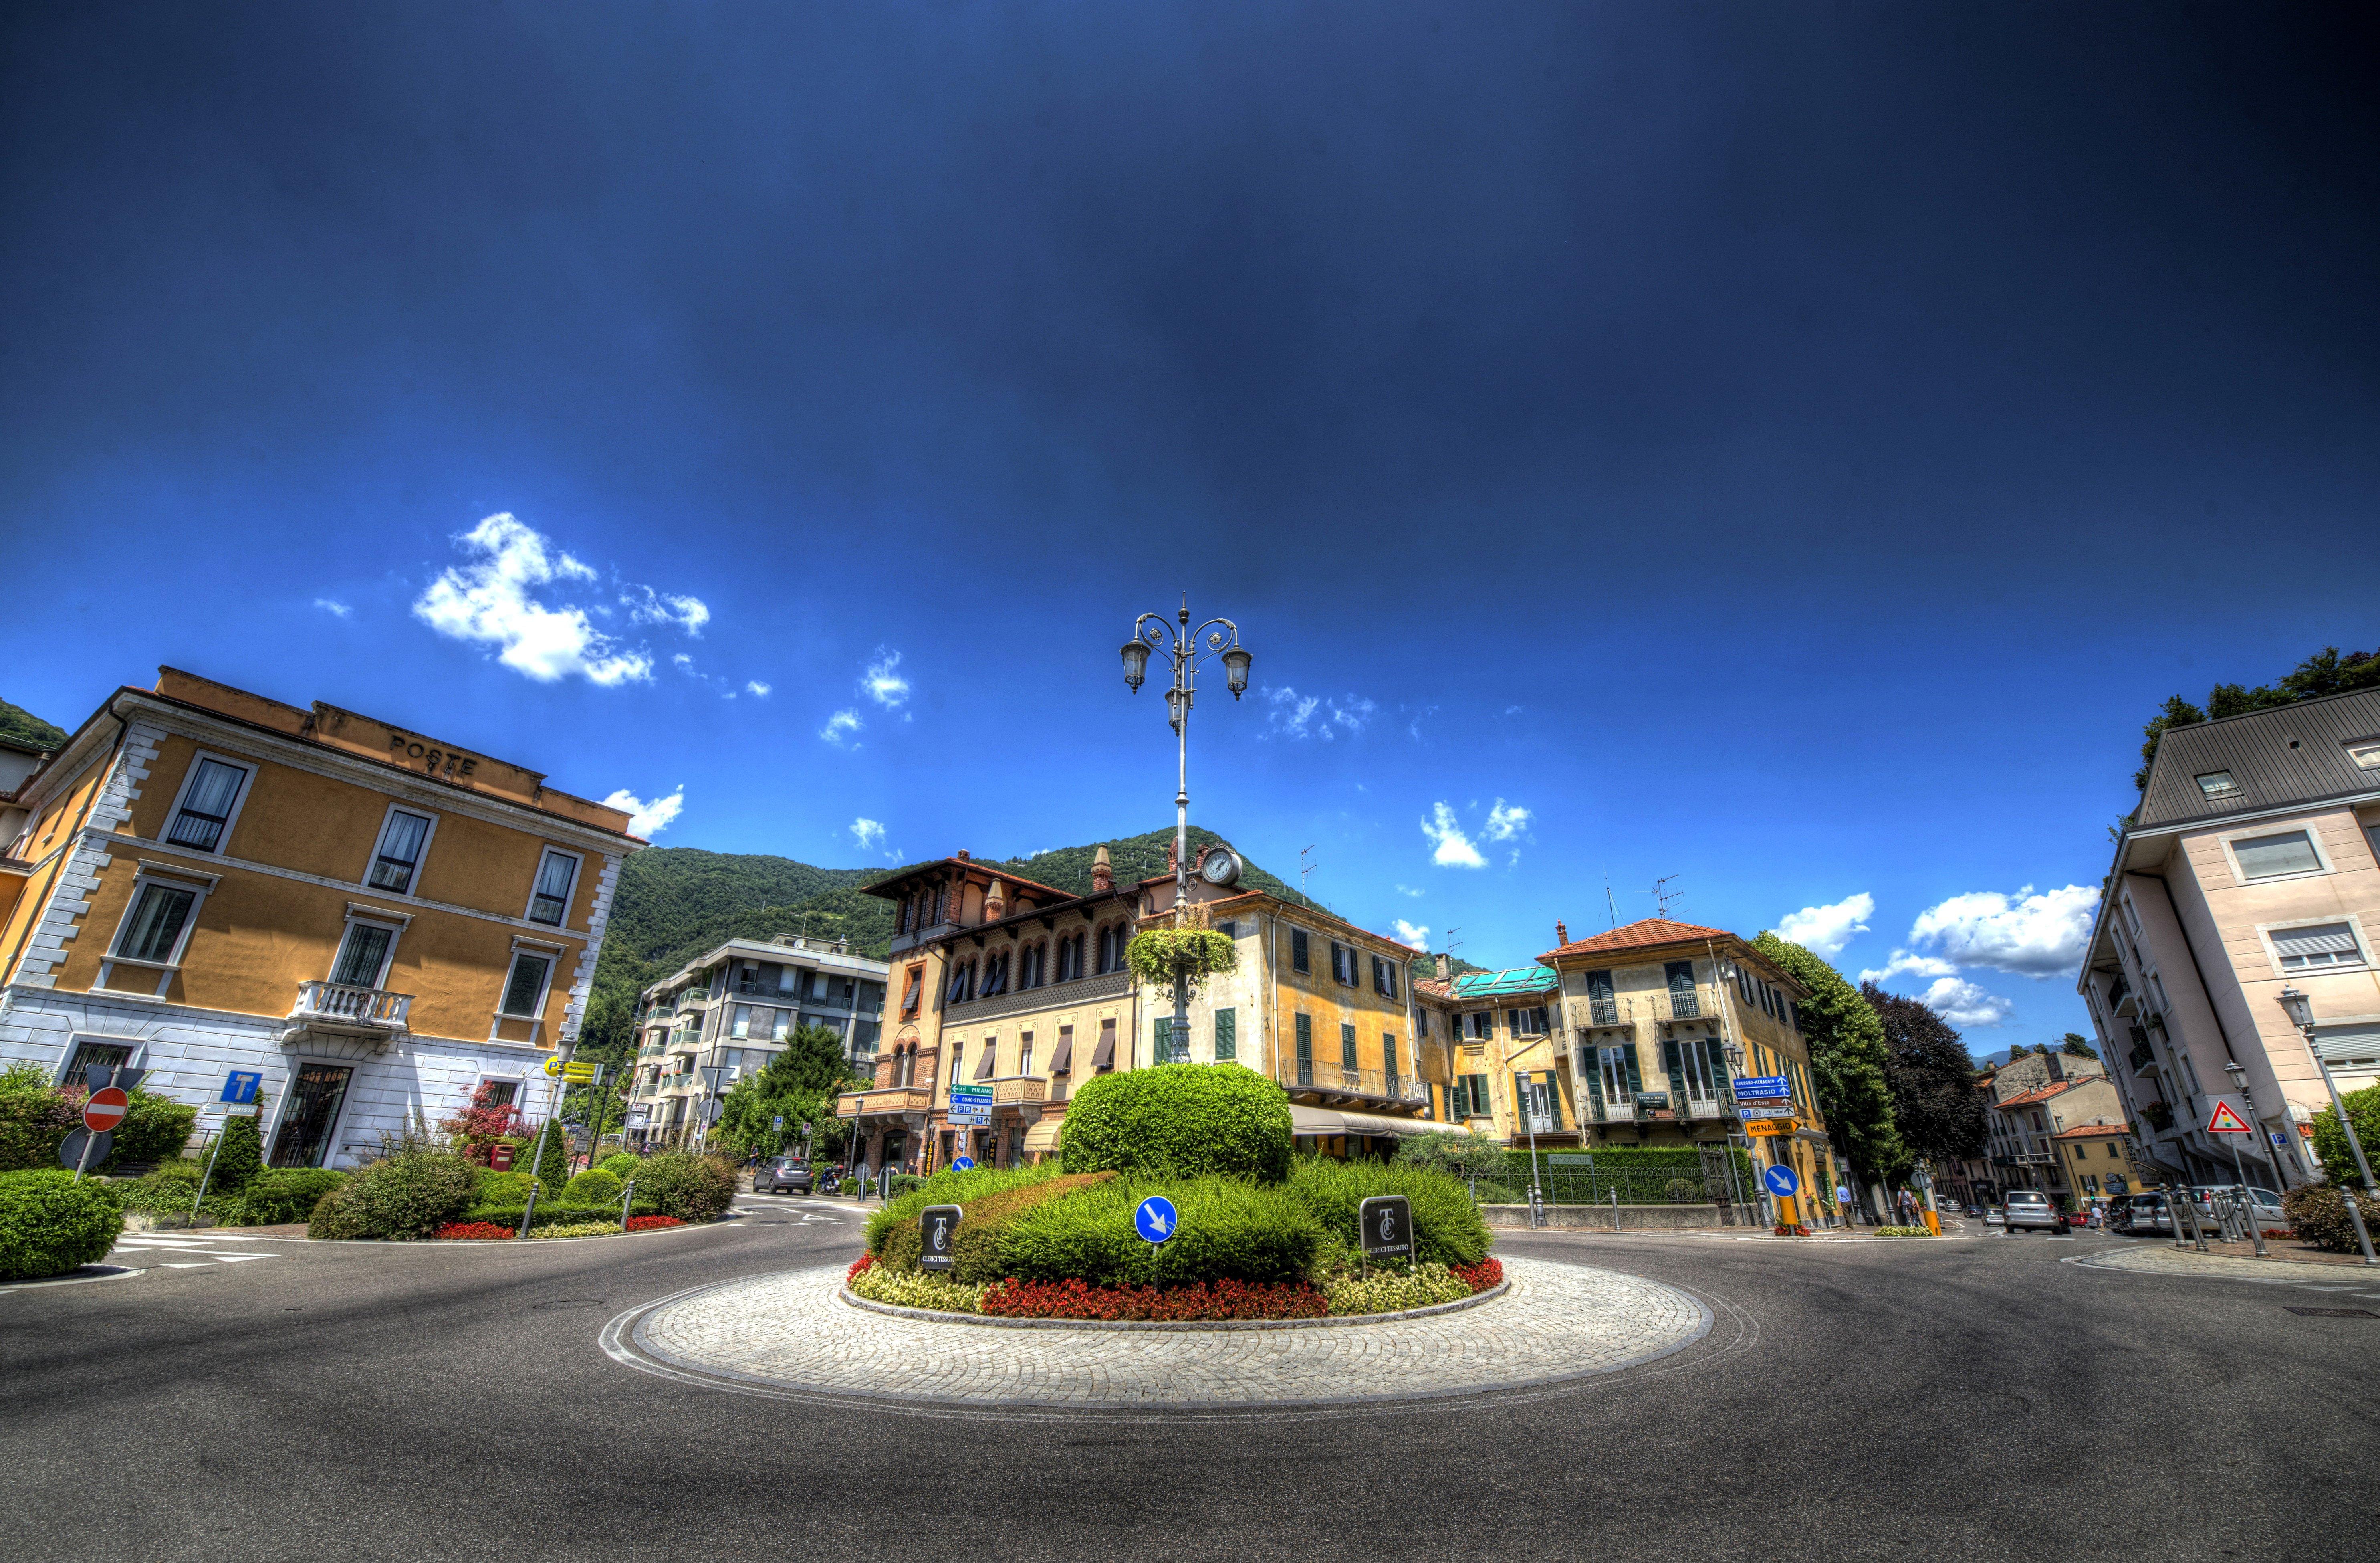 Italy Houses Sky Street Street Lights Shrubs Hdr Cernobbio